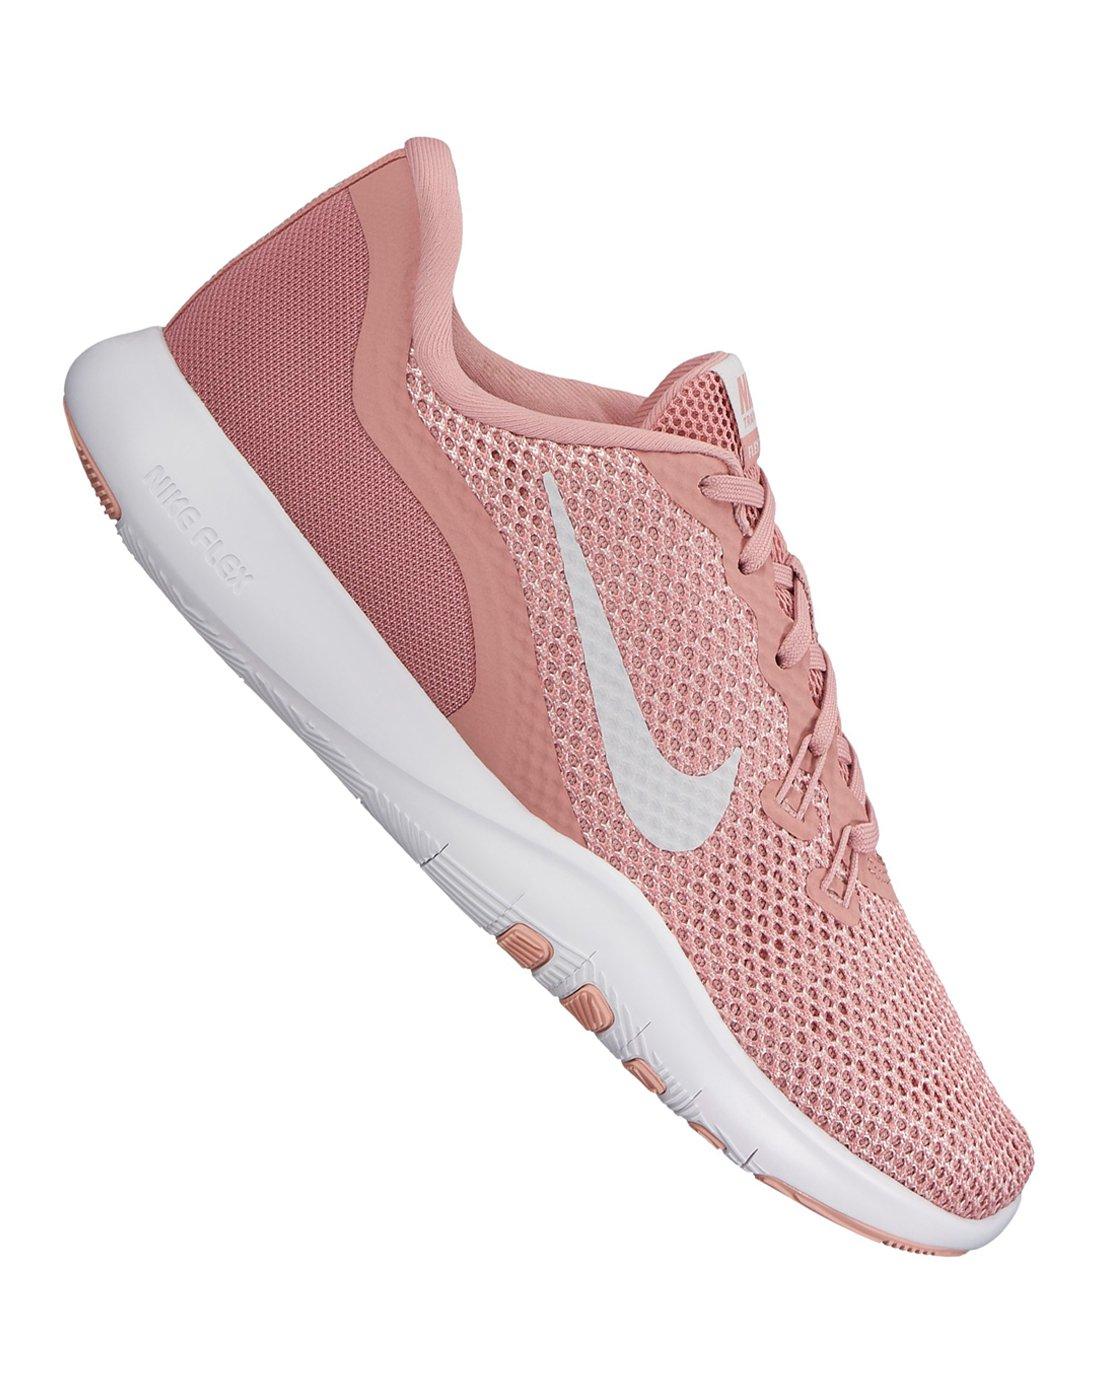 Women's Nike Flex Trainer 7 | Pink